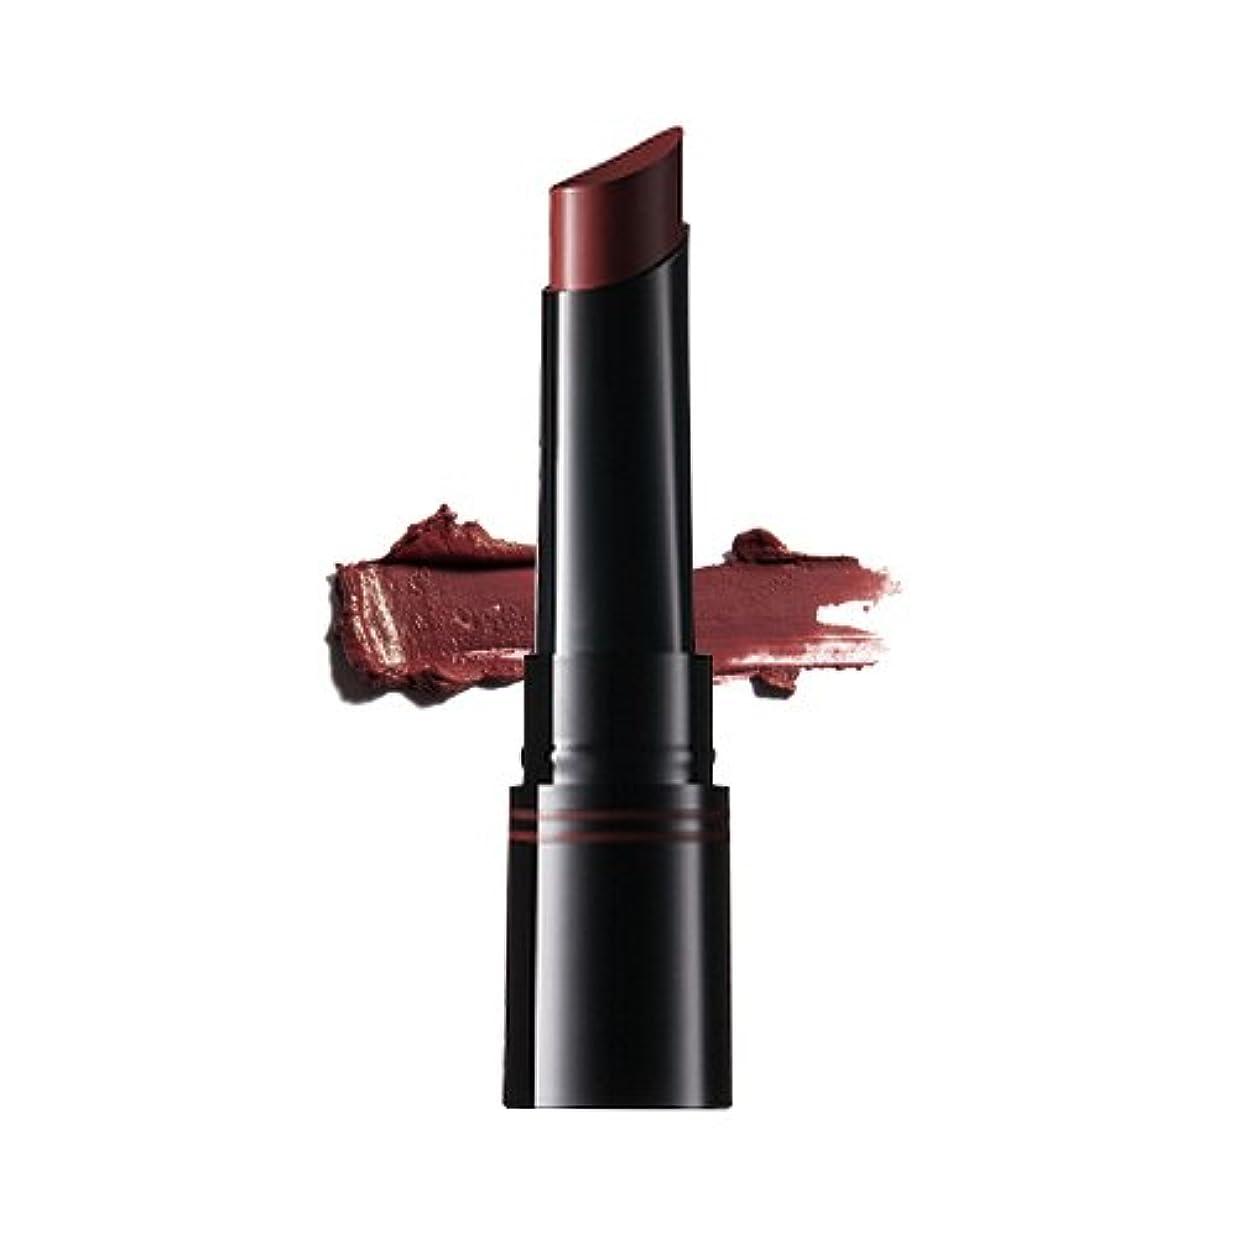 導入するタンク公園[New] TONYMOLY Perfect Lips Curving Lip Stick 2.5g/トニーモリー パーフェクト リップス カービング リップスティック 2.5g (#10 Crimson Red) [並行輸入品]